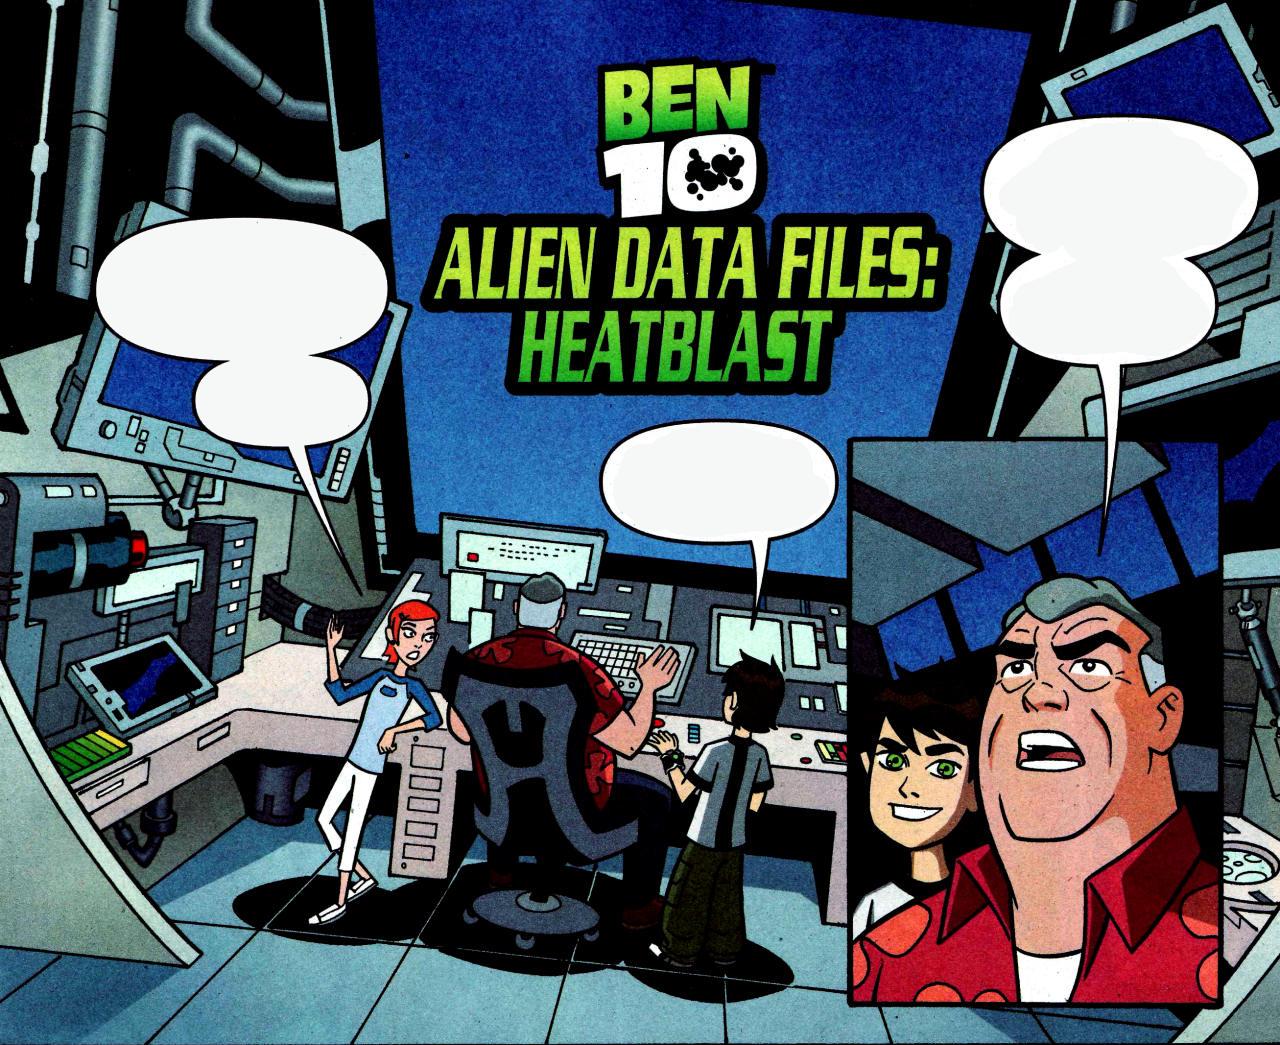 Alien Data Files: Heatblast